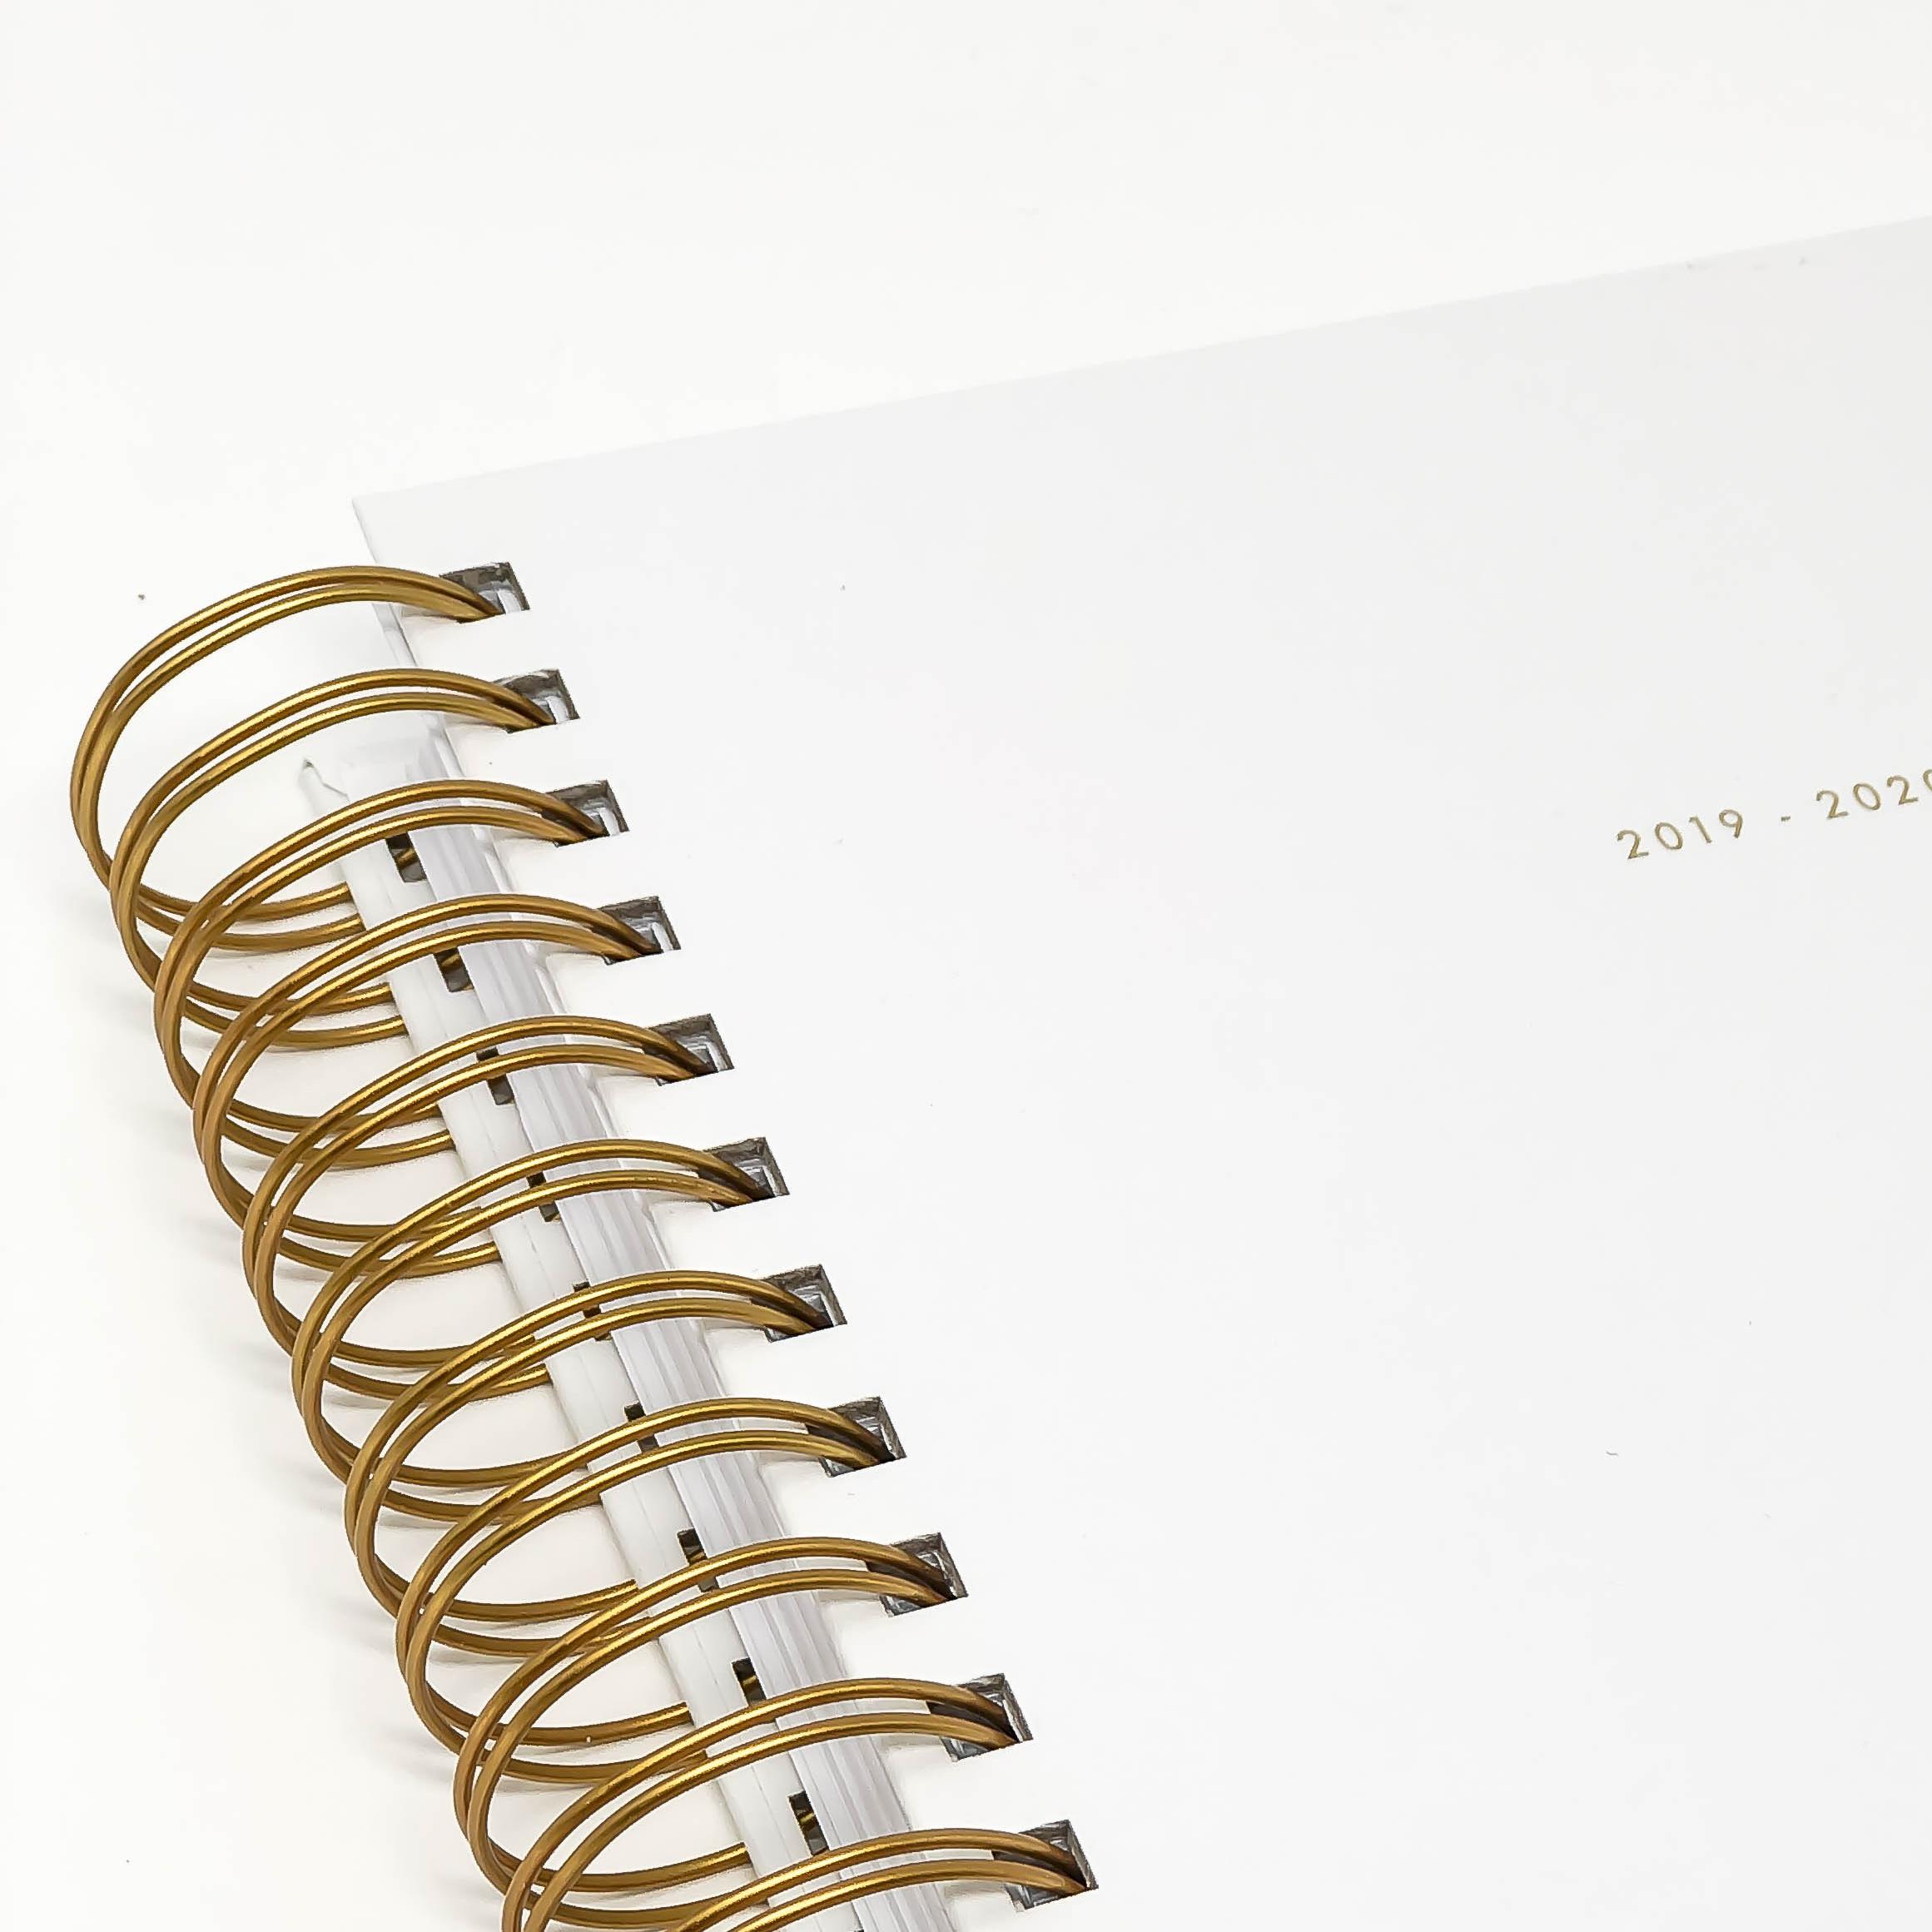 gloss white - 2019-2020 academic planner